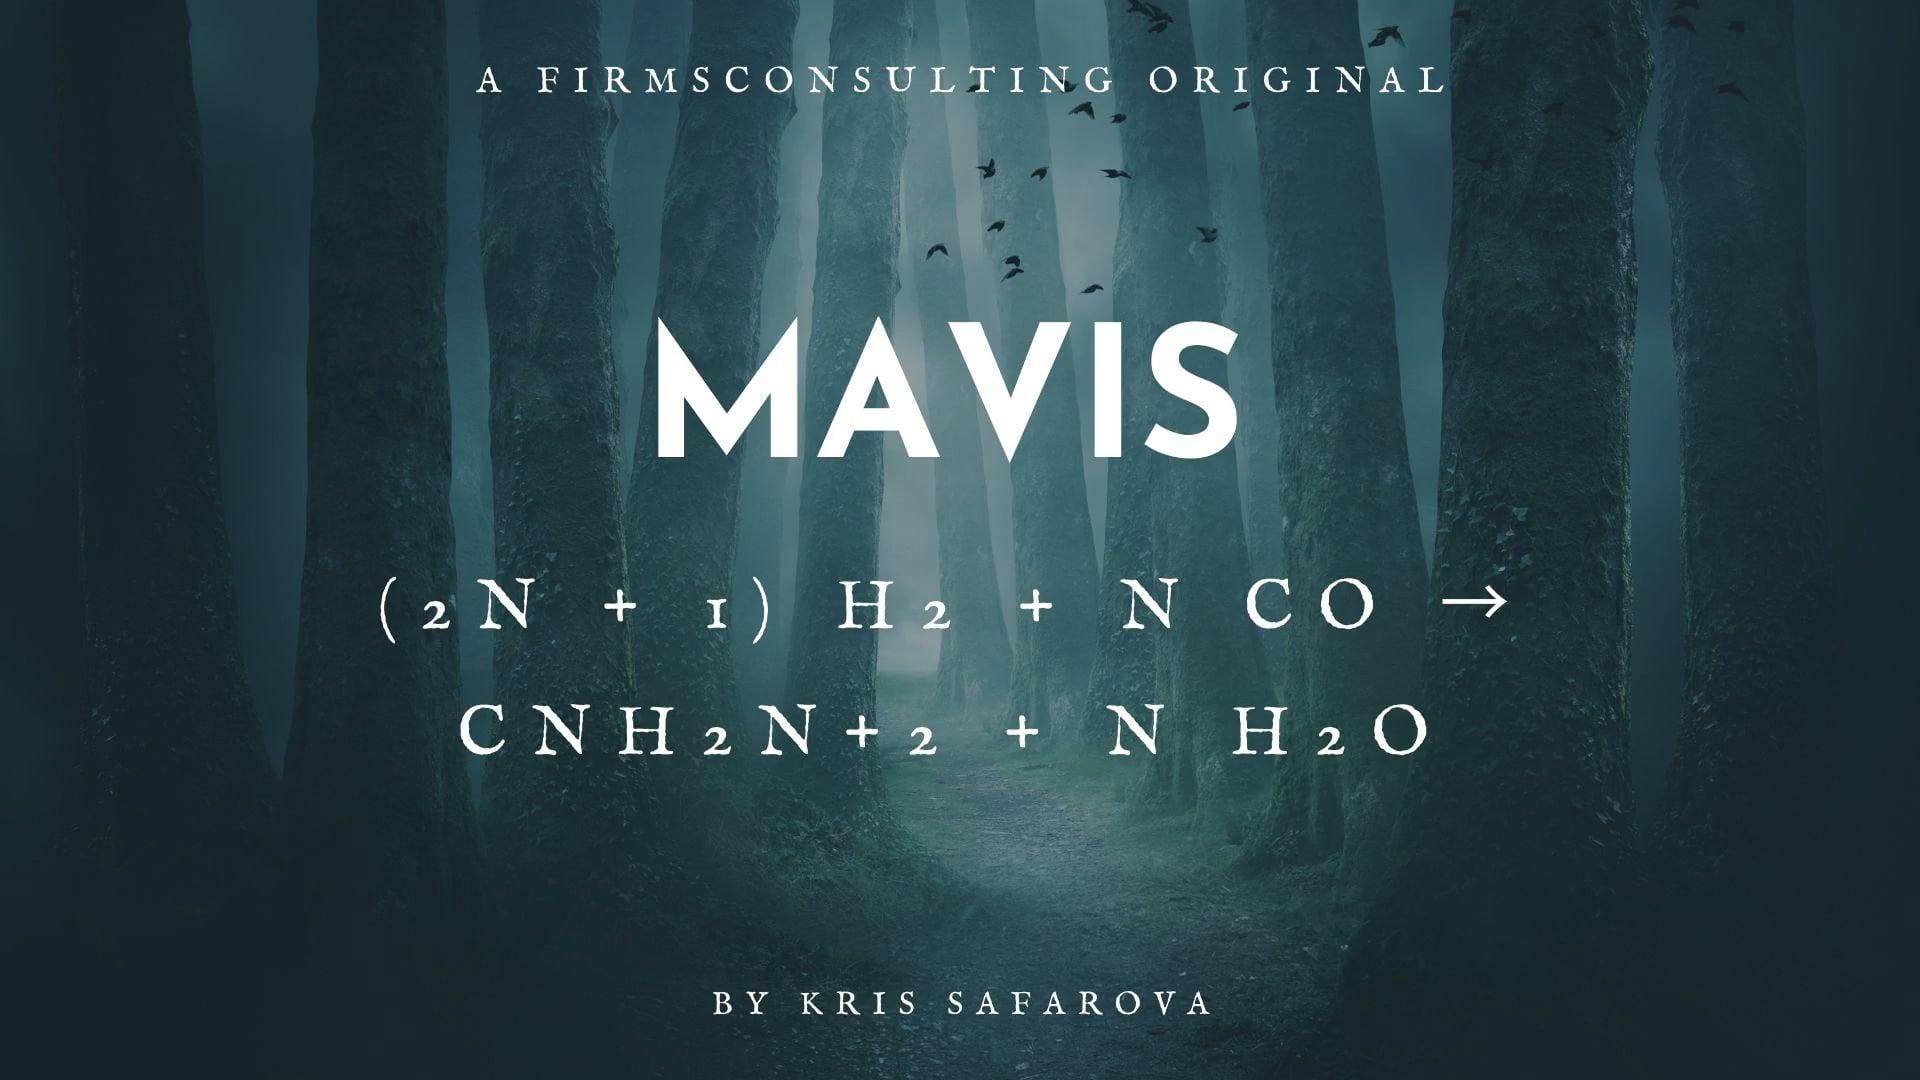 000 Mavis Close Credits